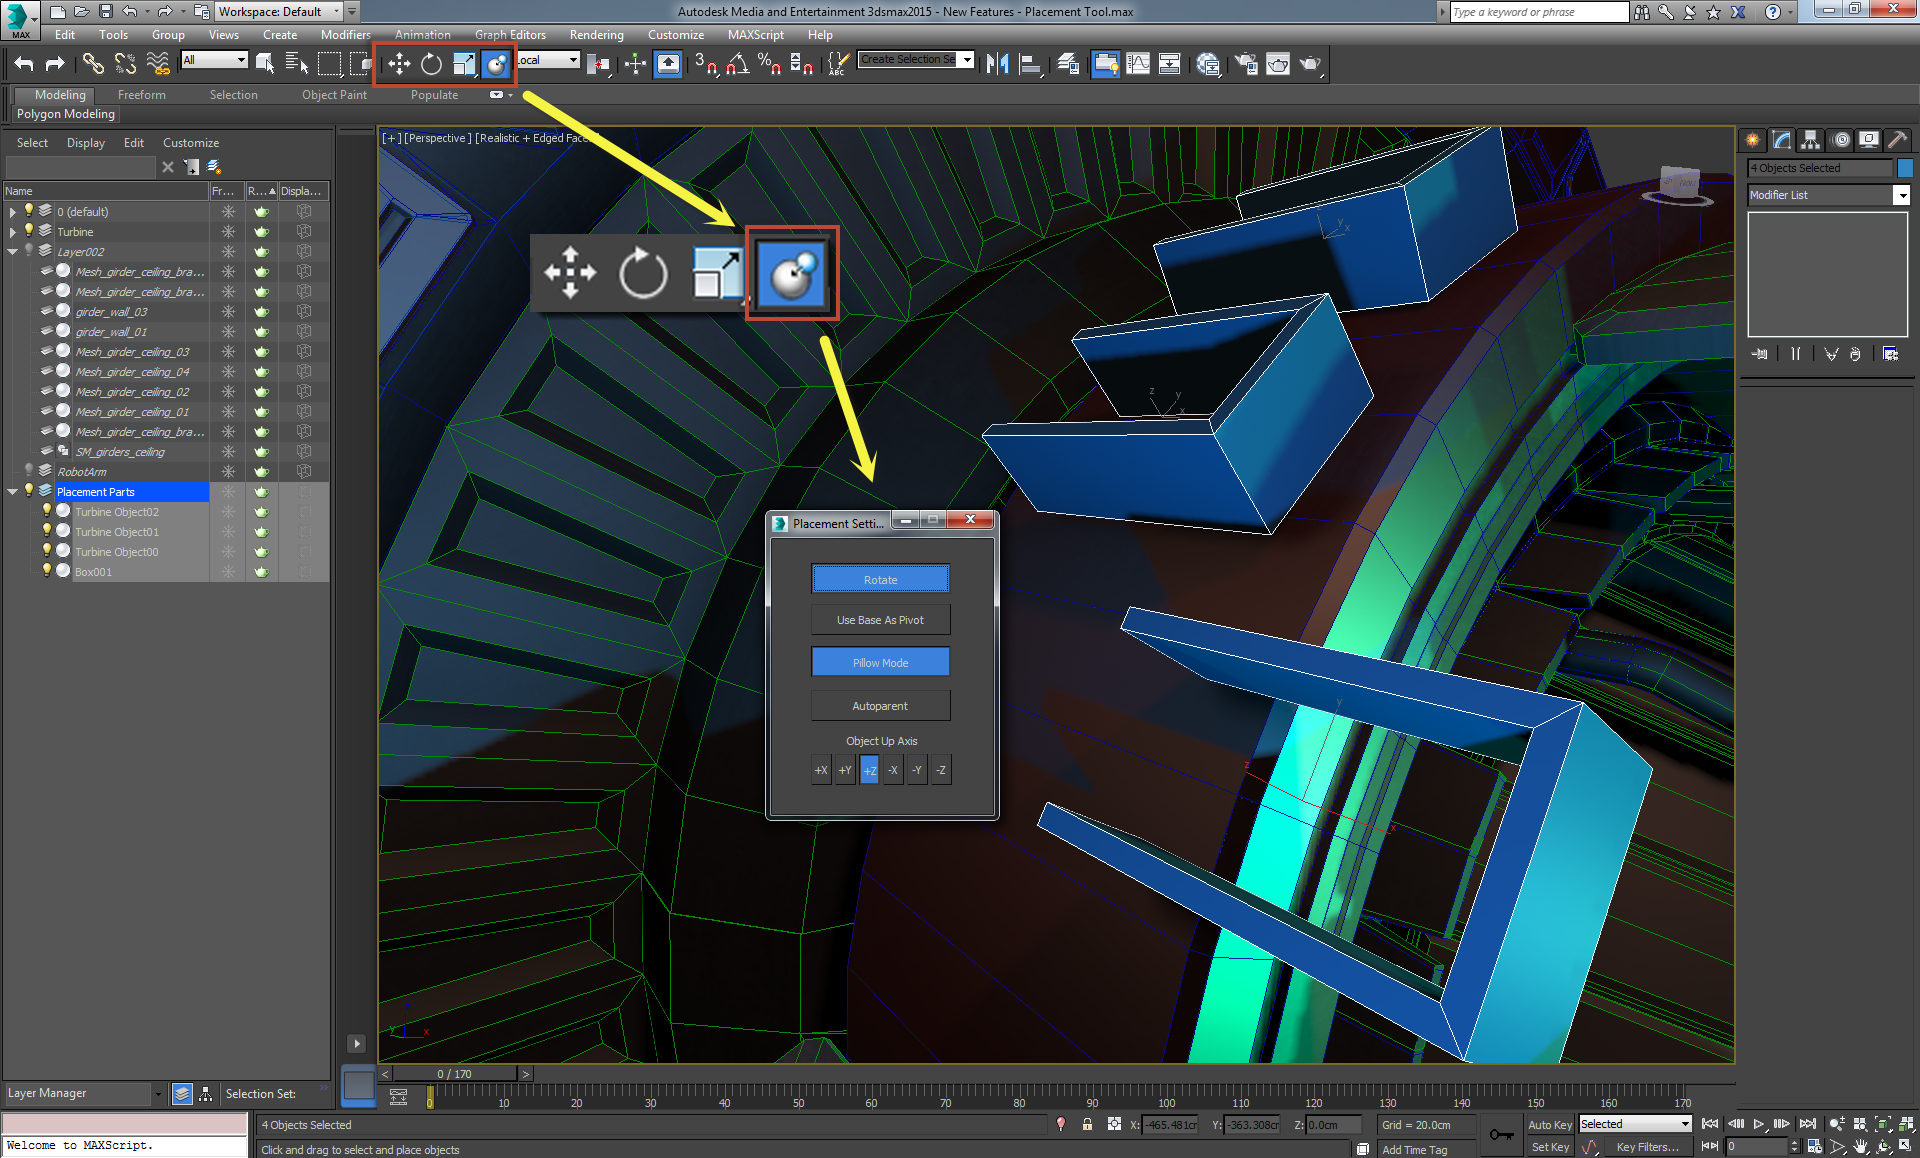 Autodesk Announces 2015 3D Animation Software 4